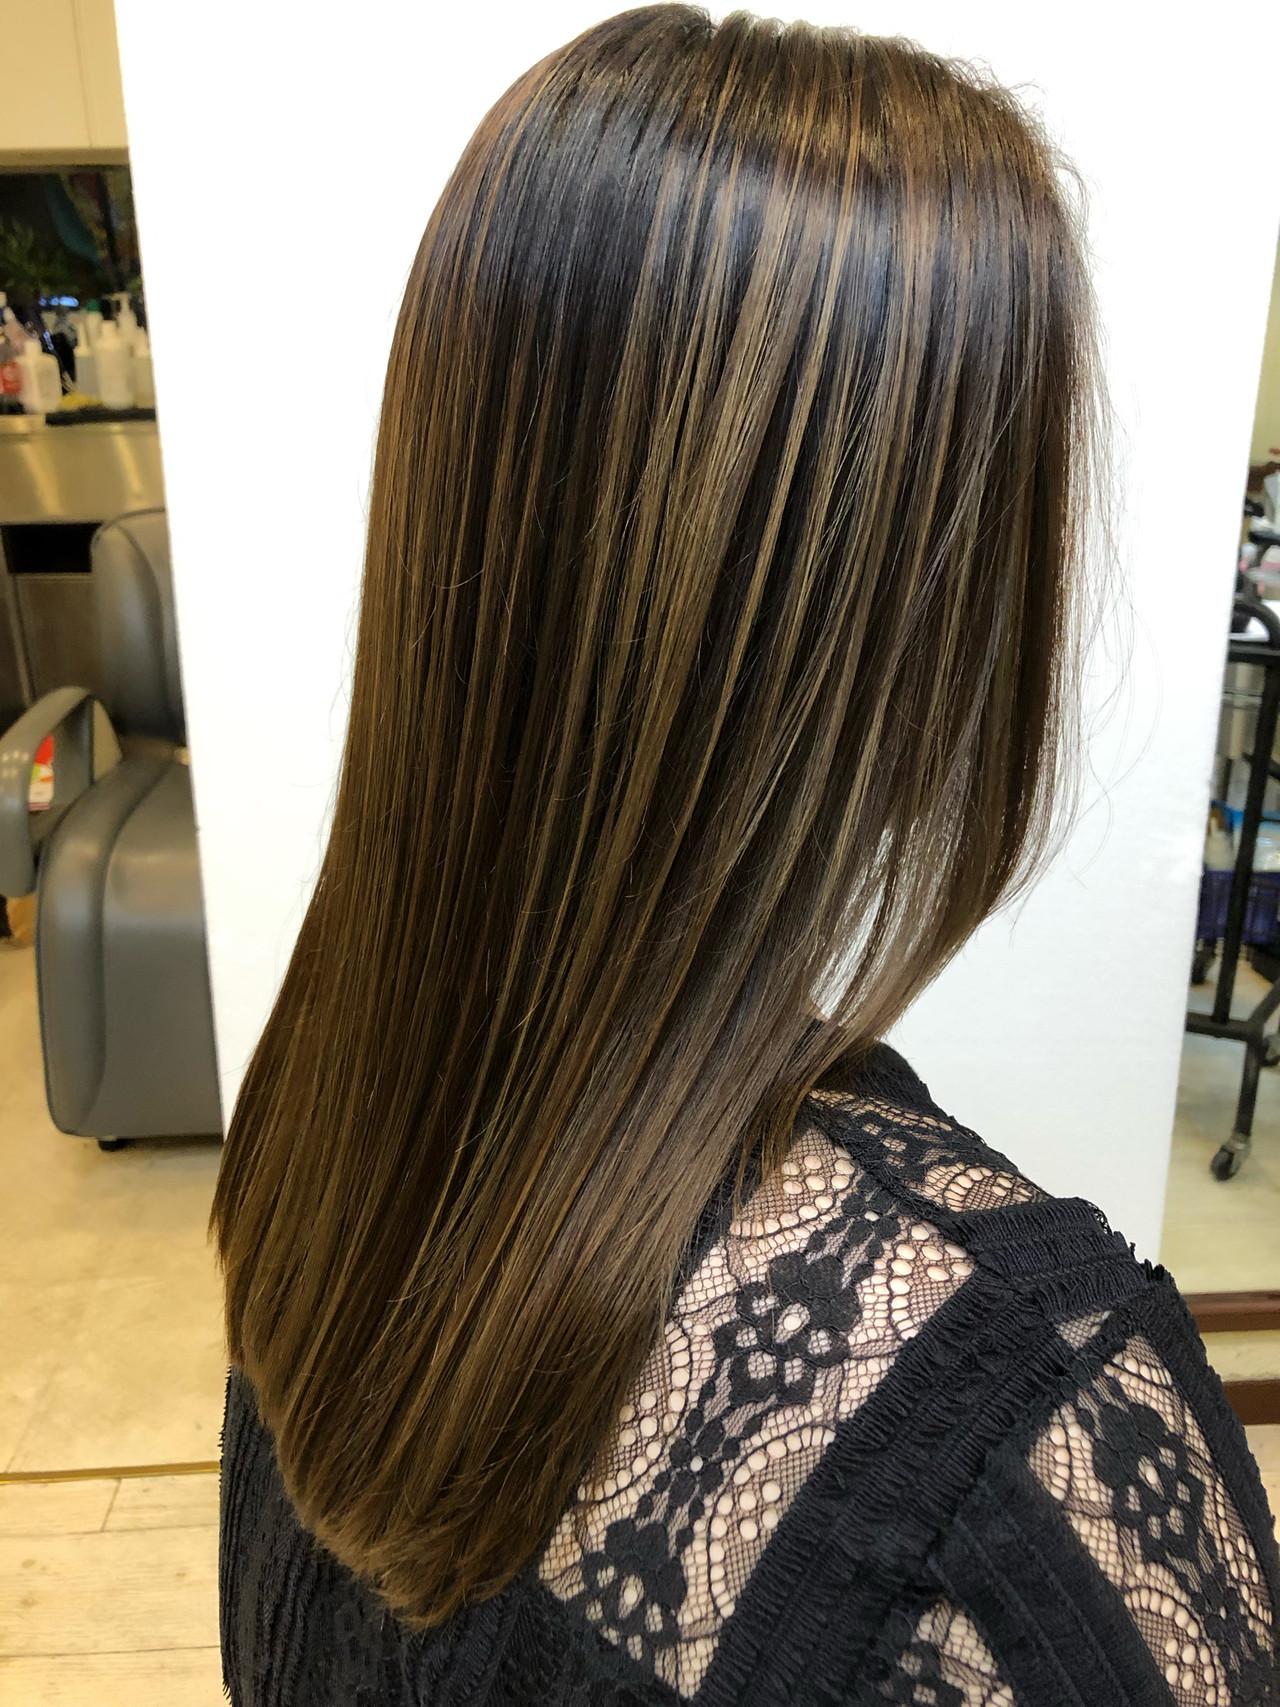 ブリーチカラー 大人ハイライト セミロング バレイヤージュ ヘアスタイルや髪型の写真・画像